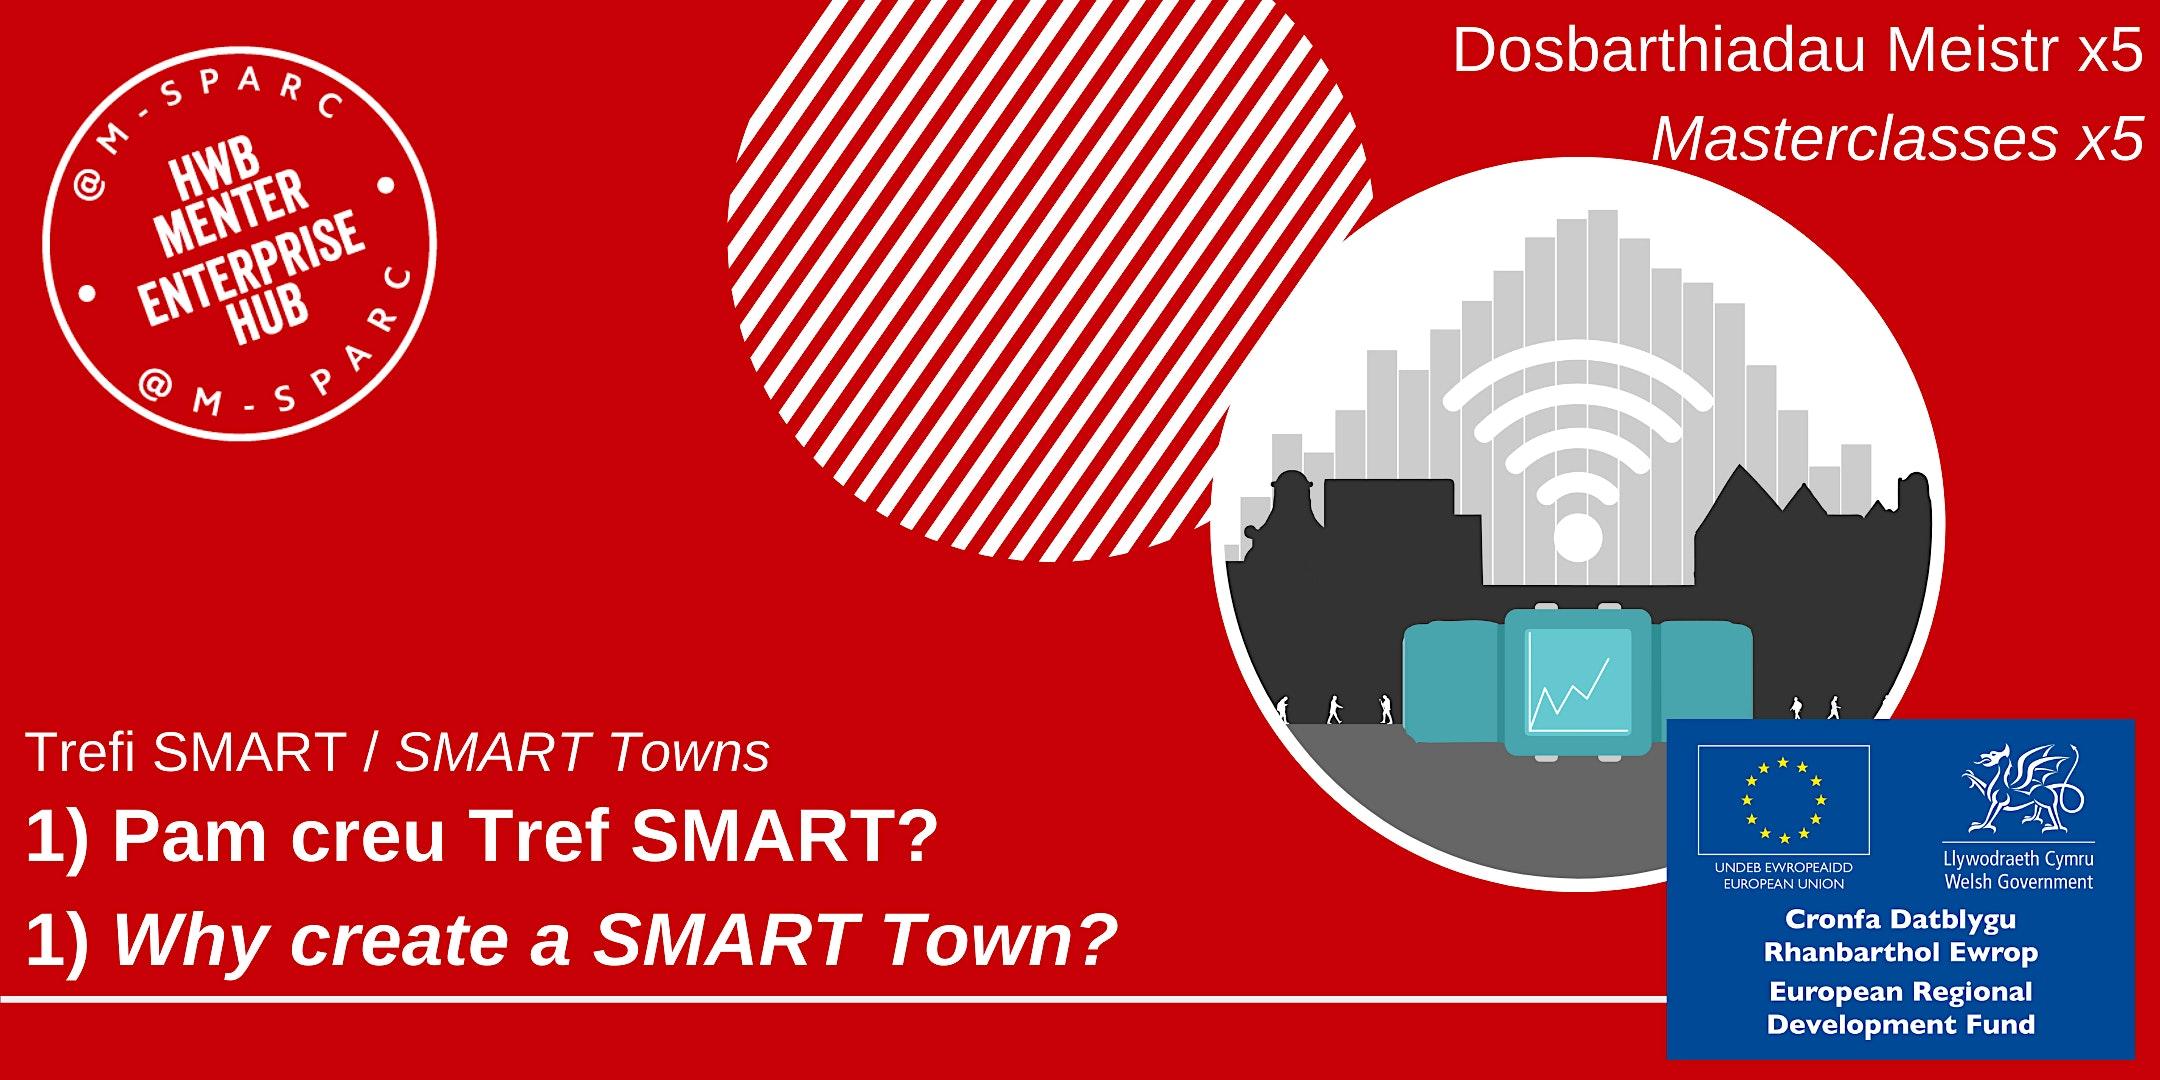 Trefi SMART- Pam creu tref SMART? / SMART Towns-Why create a SMART Town?